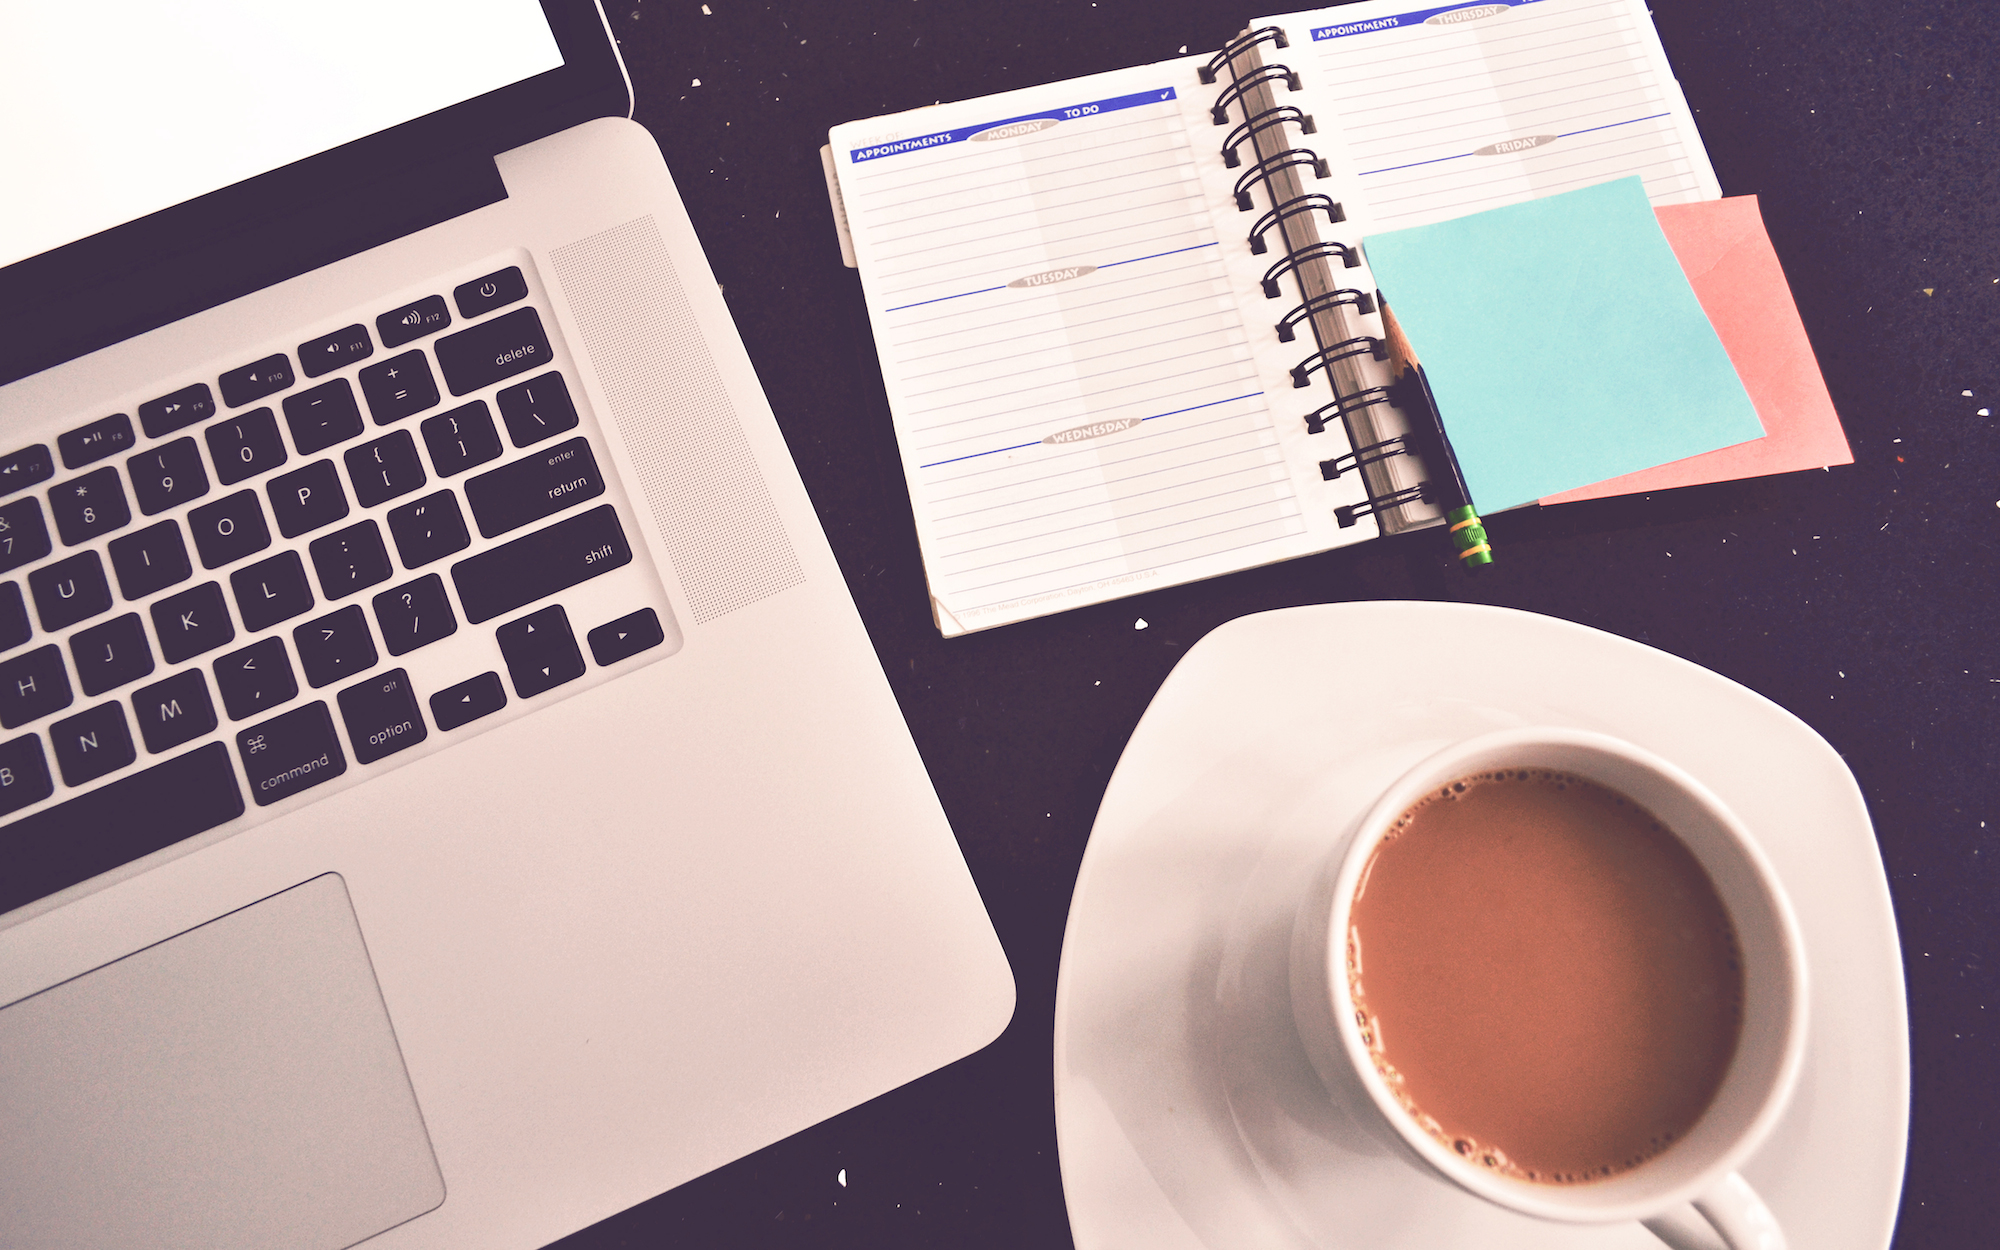 laptop-coffee-notebook.jpg